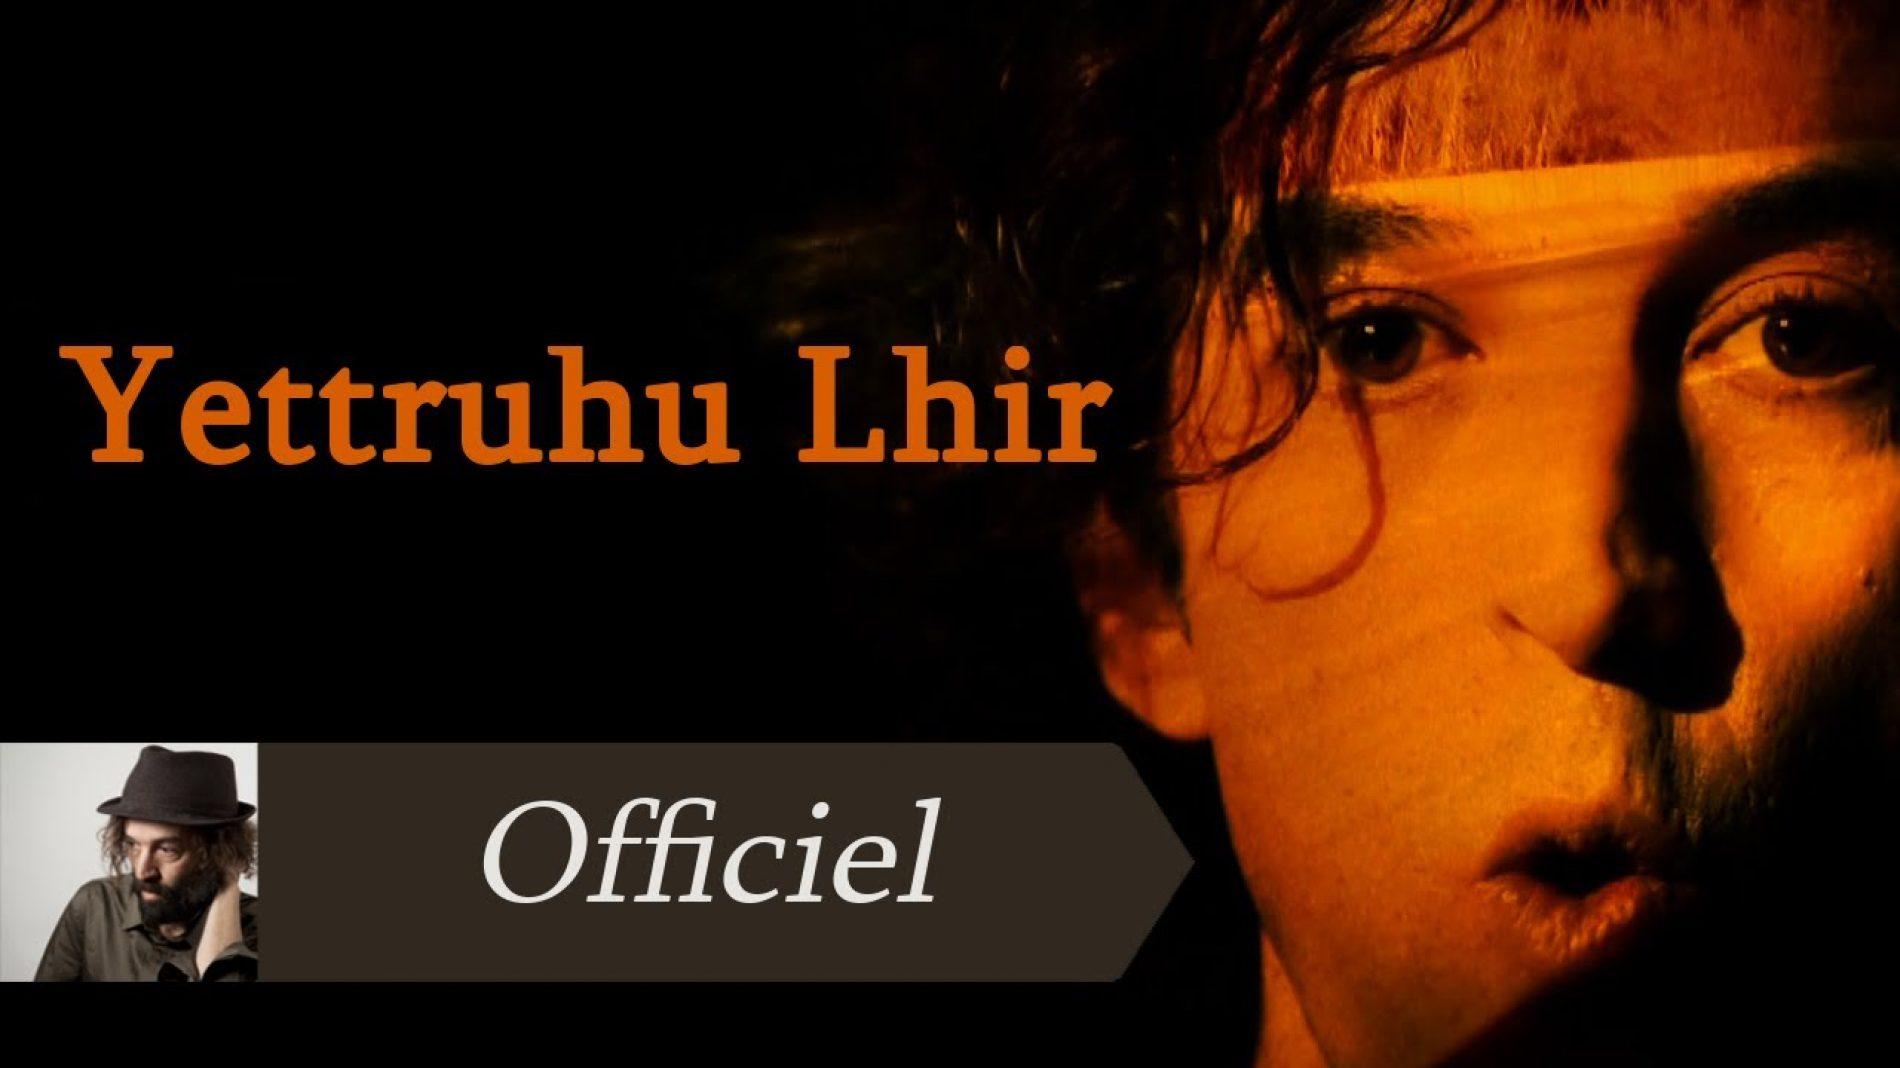 Clip officiel: ALI AMRAN « YETTRUHU LHIR » dans une maison traditionnelle Kabyle